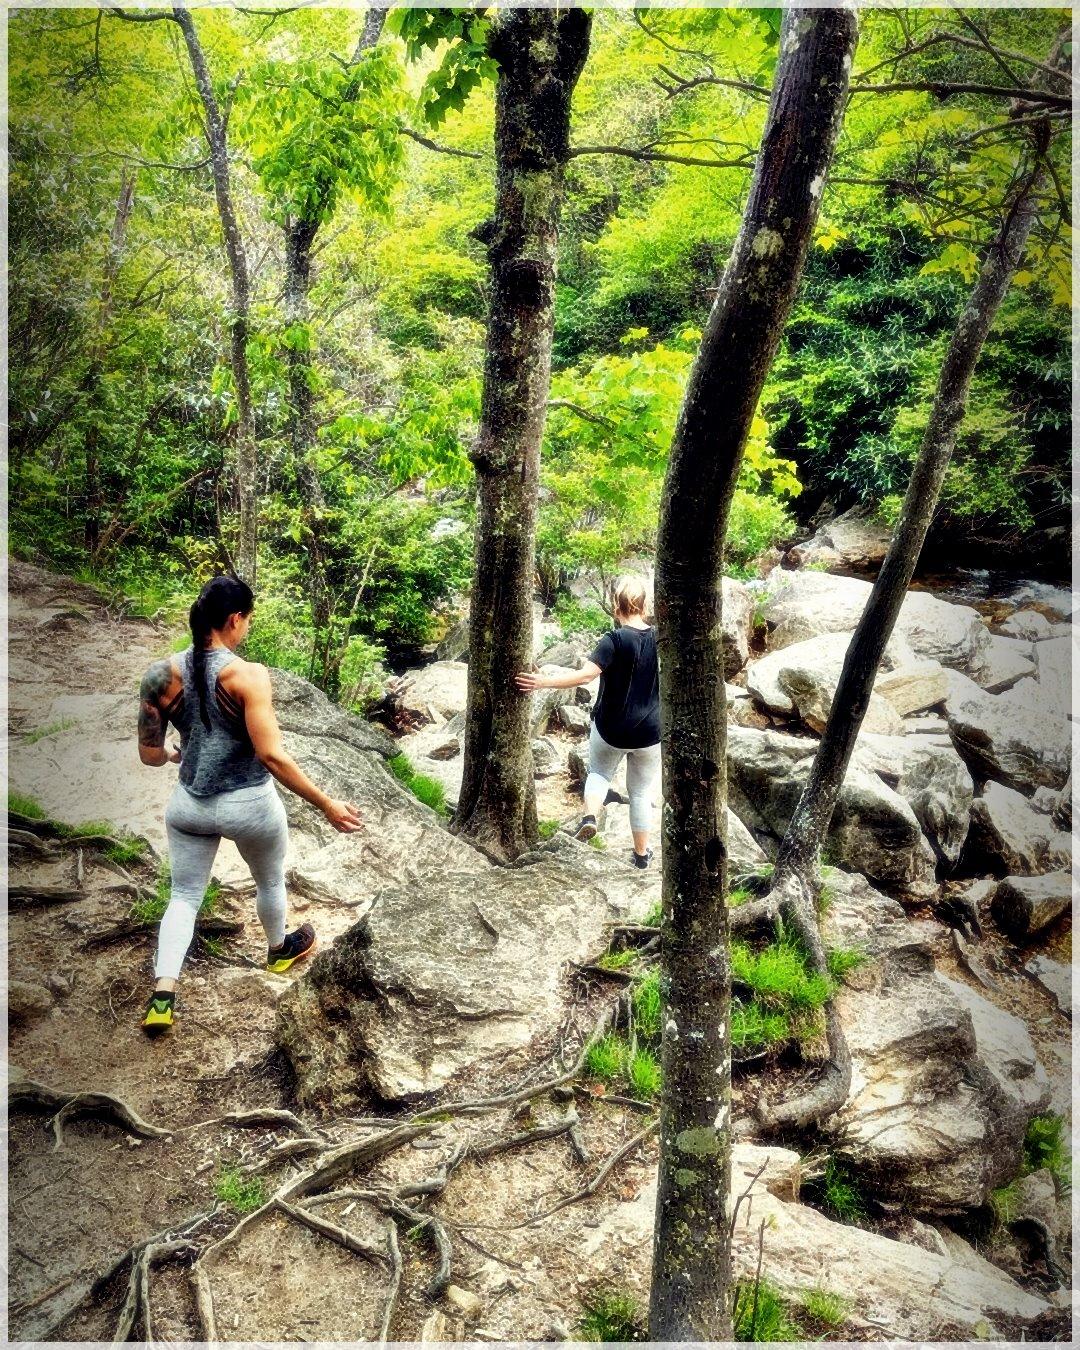 HikingAdventures-98235019258